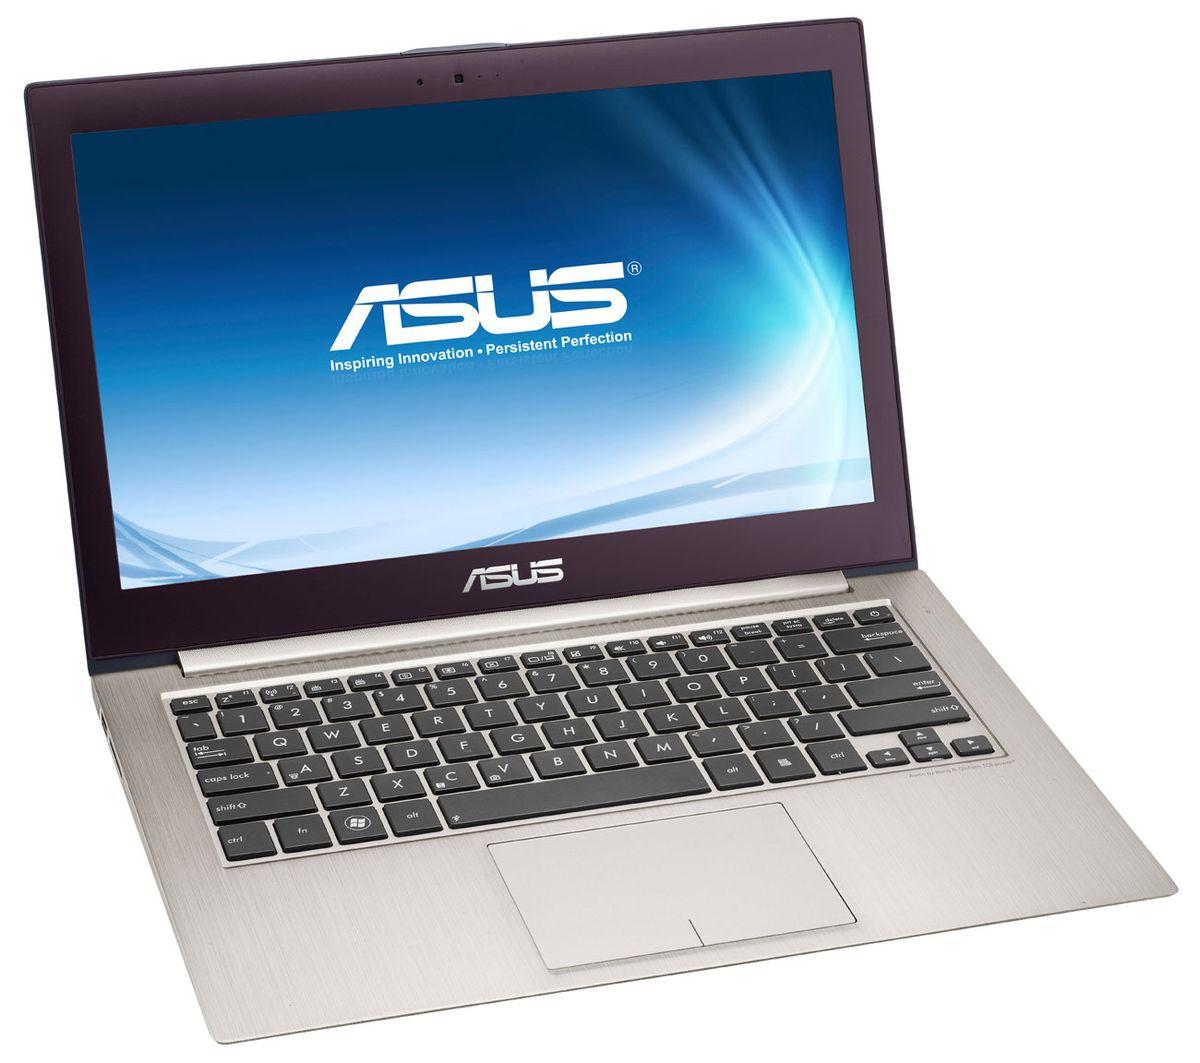 Asus Zenbook Prime UX32VD-R4015P